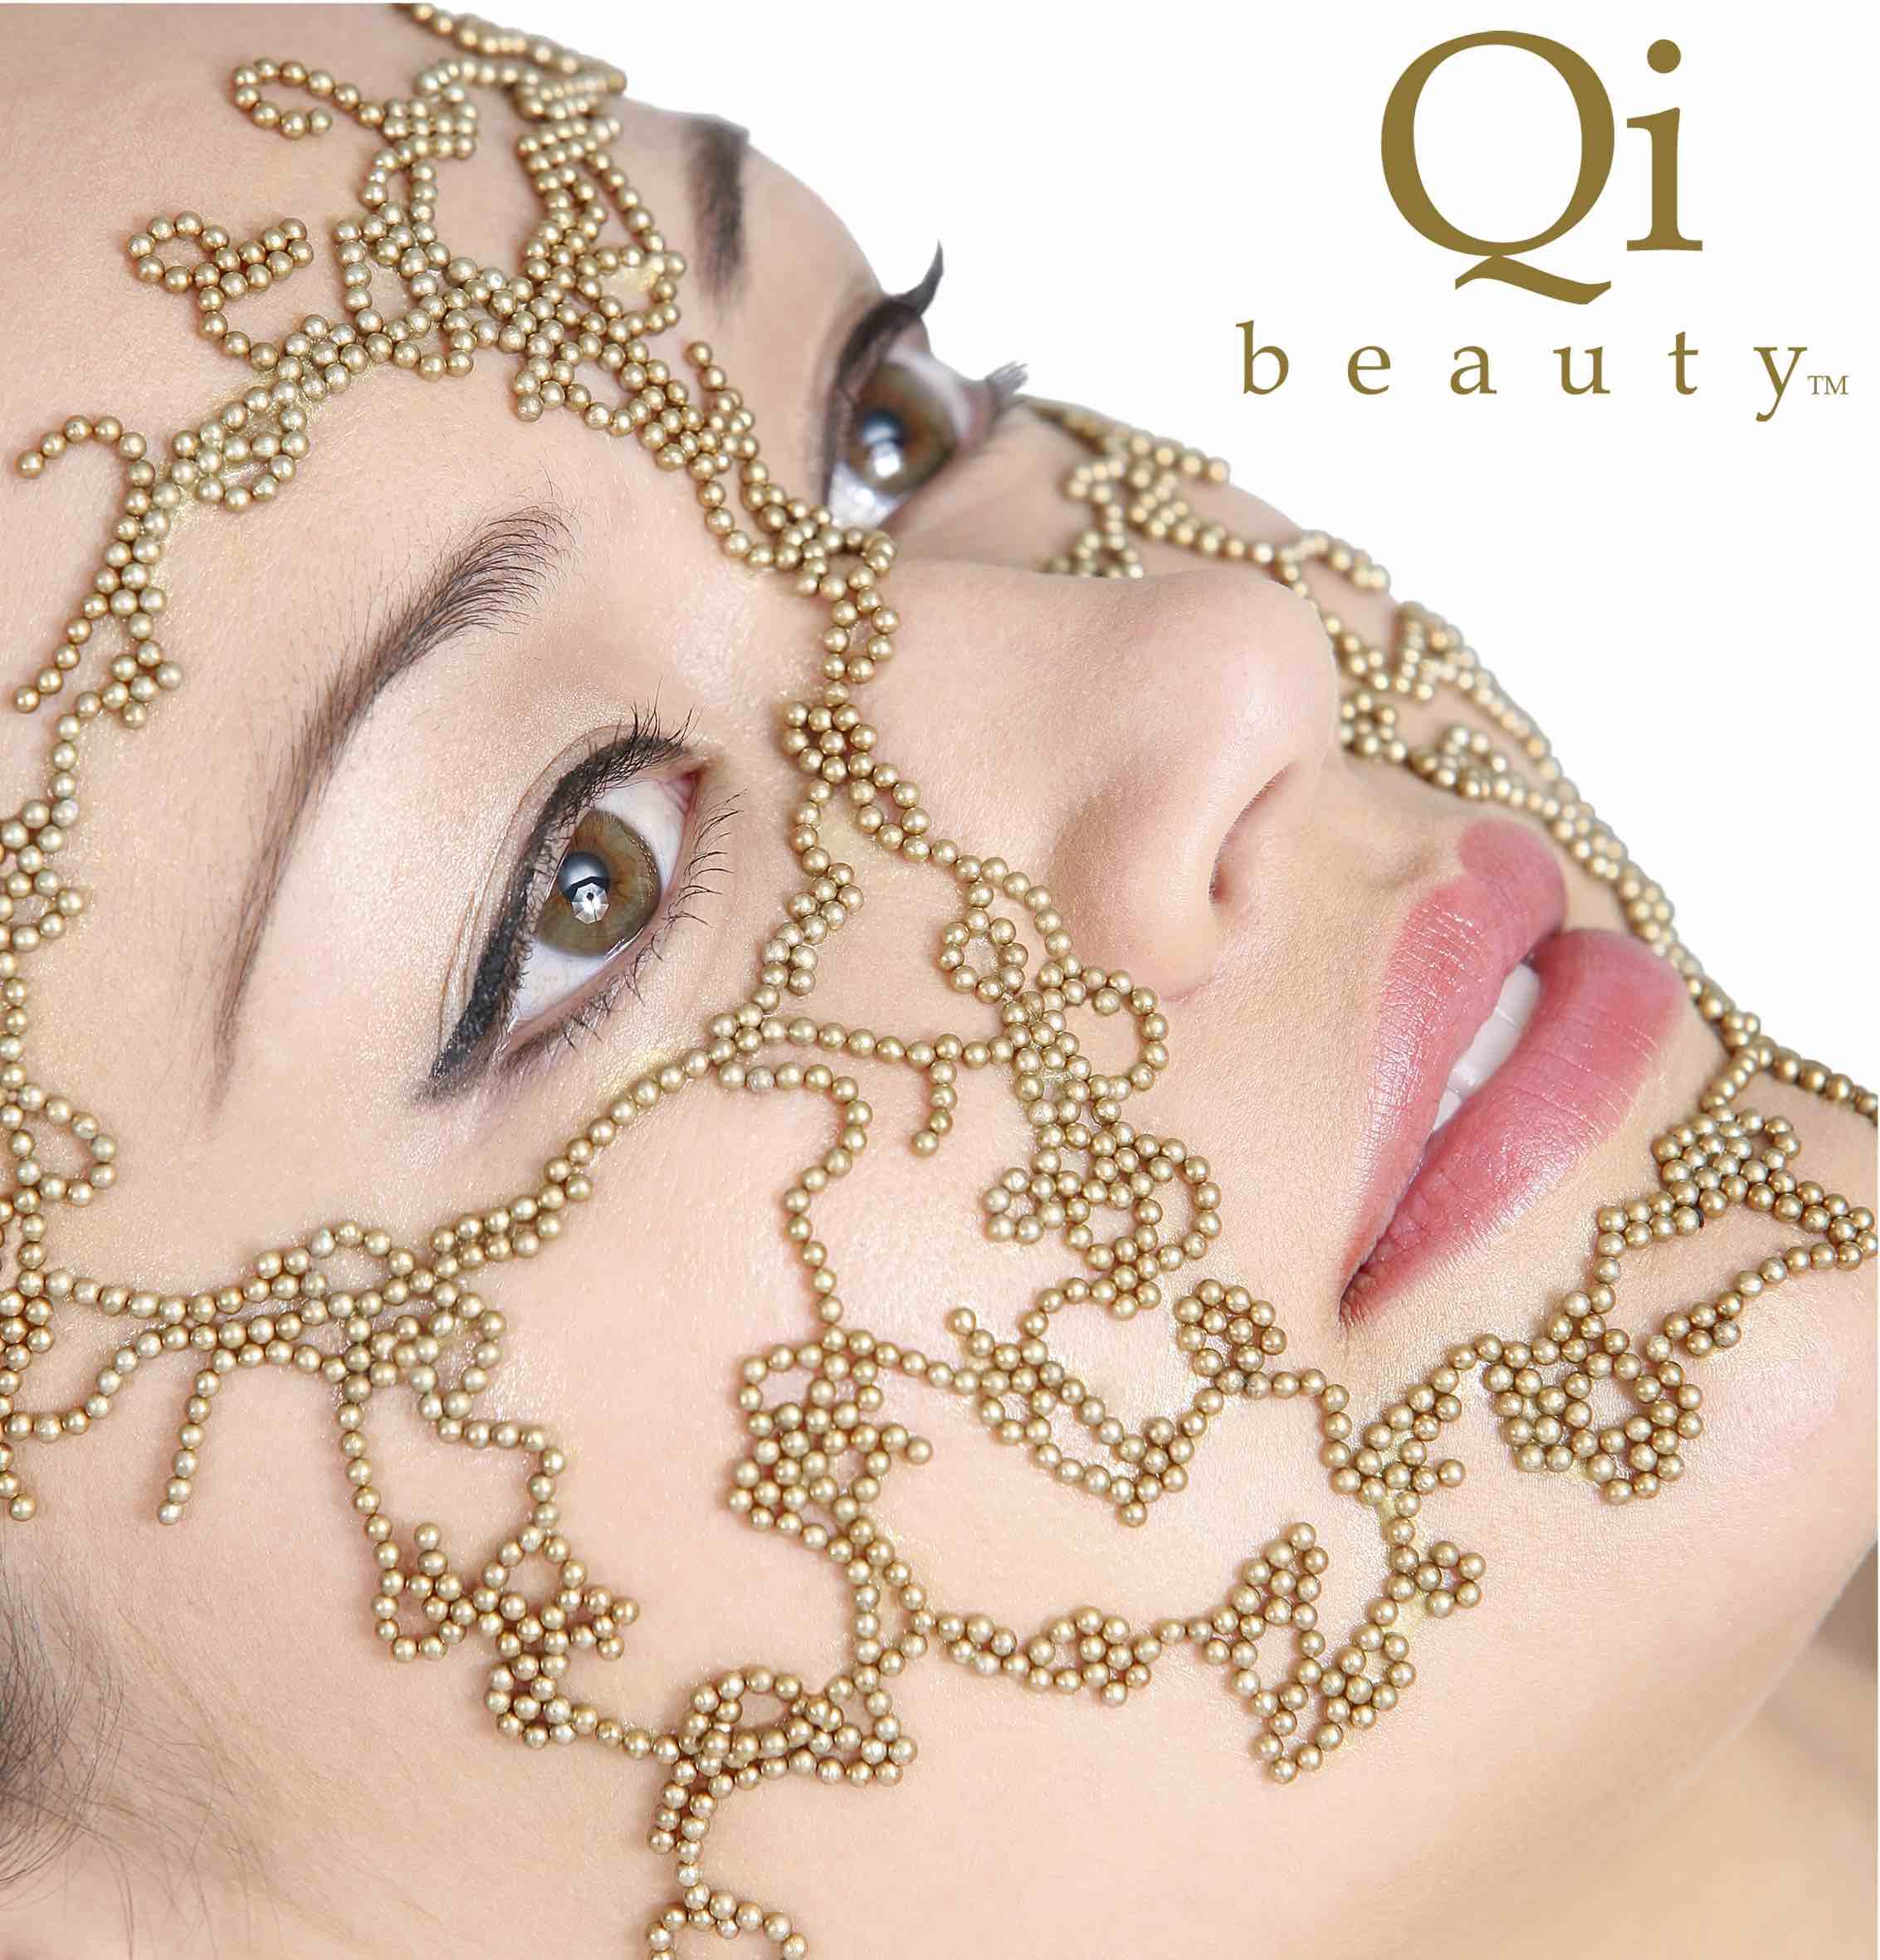 Qi beauty facial gold coast